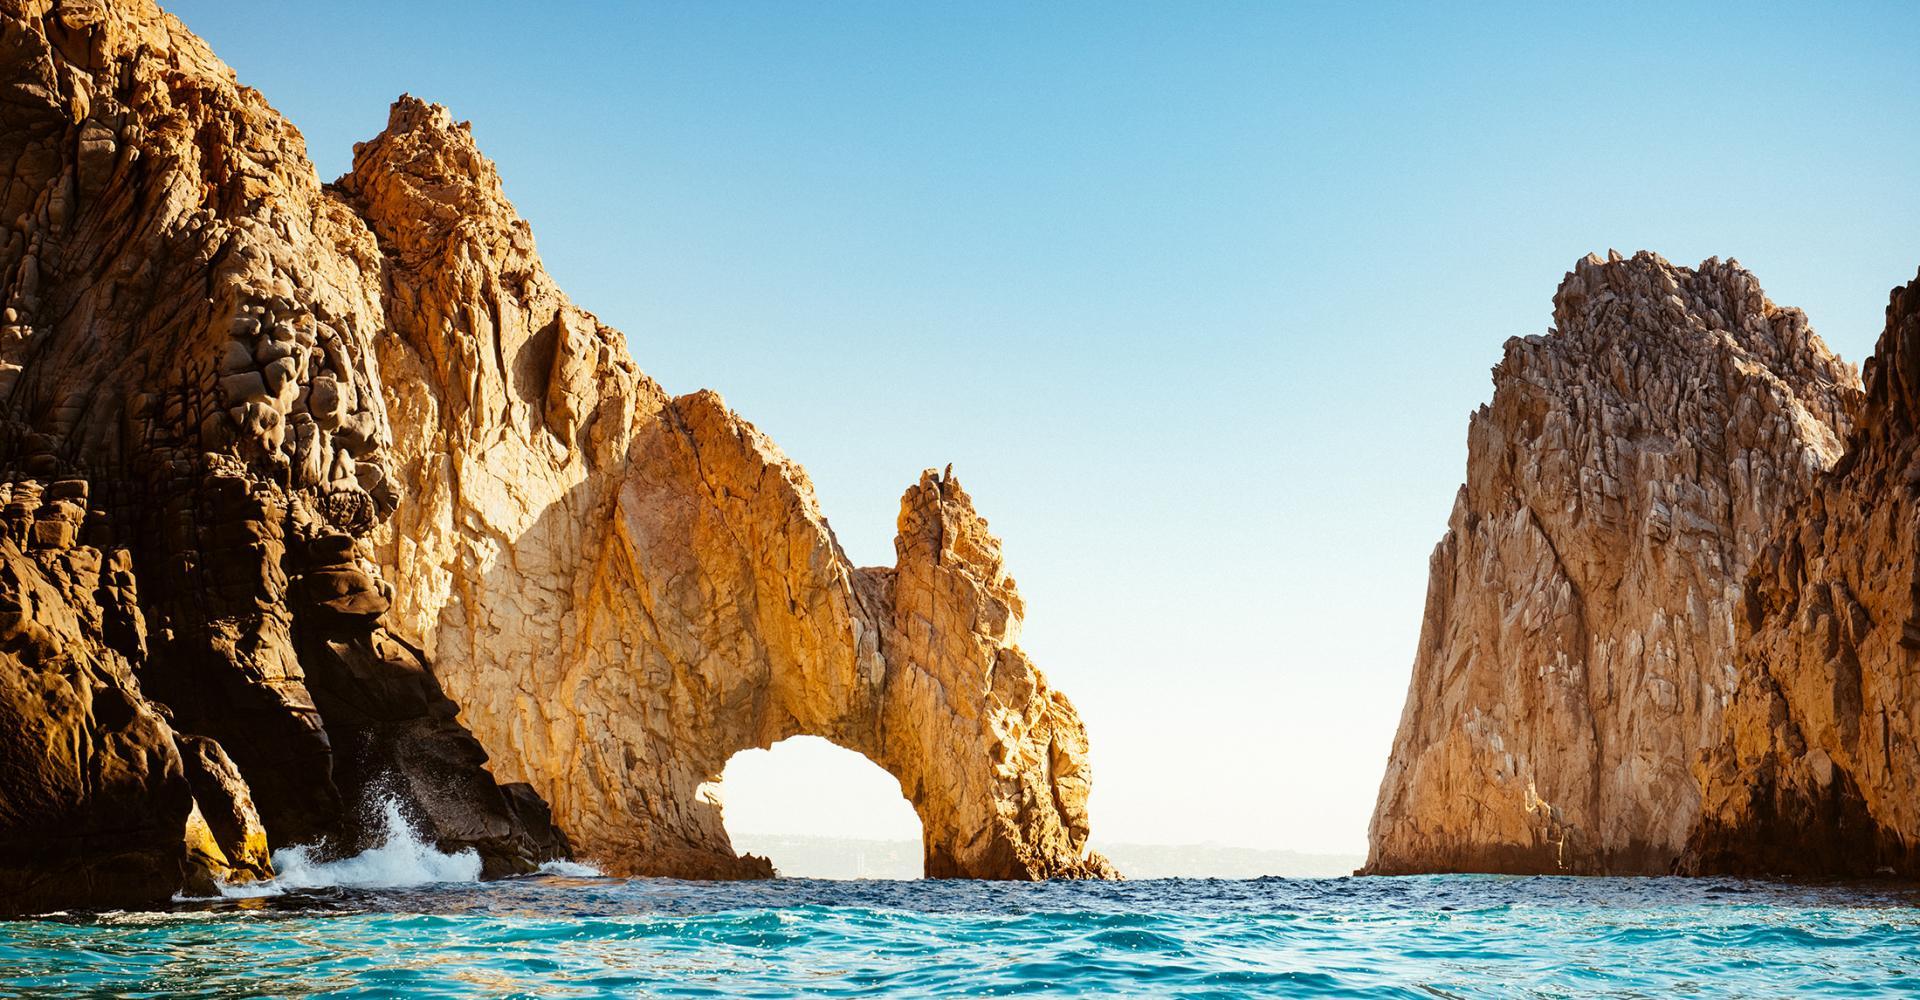 Rocks in ocean in Cabo san Lucas